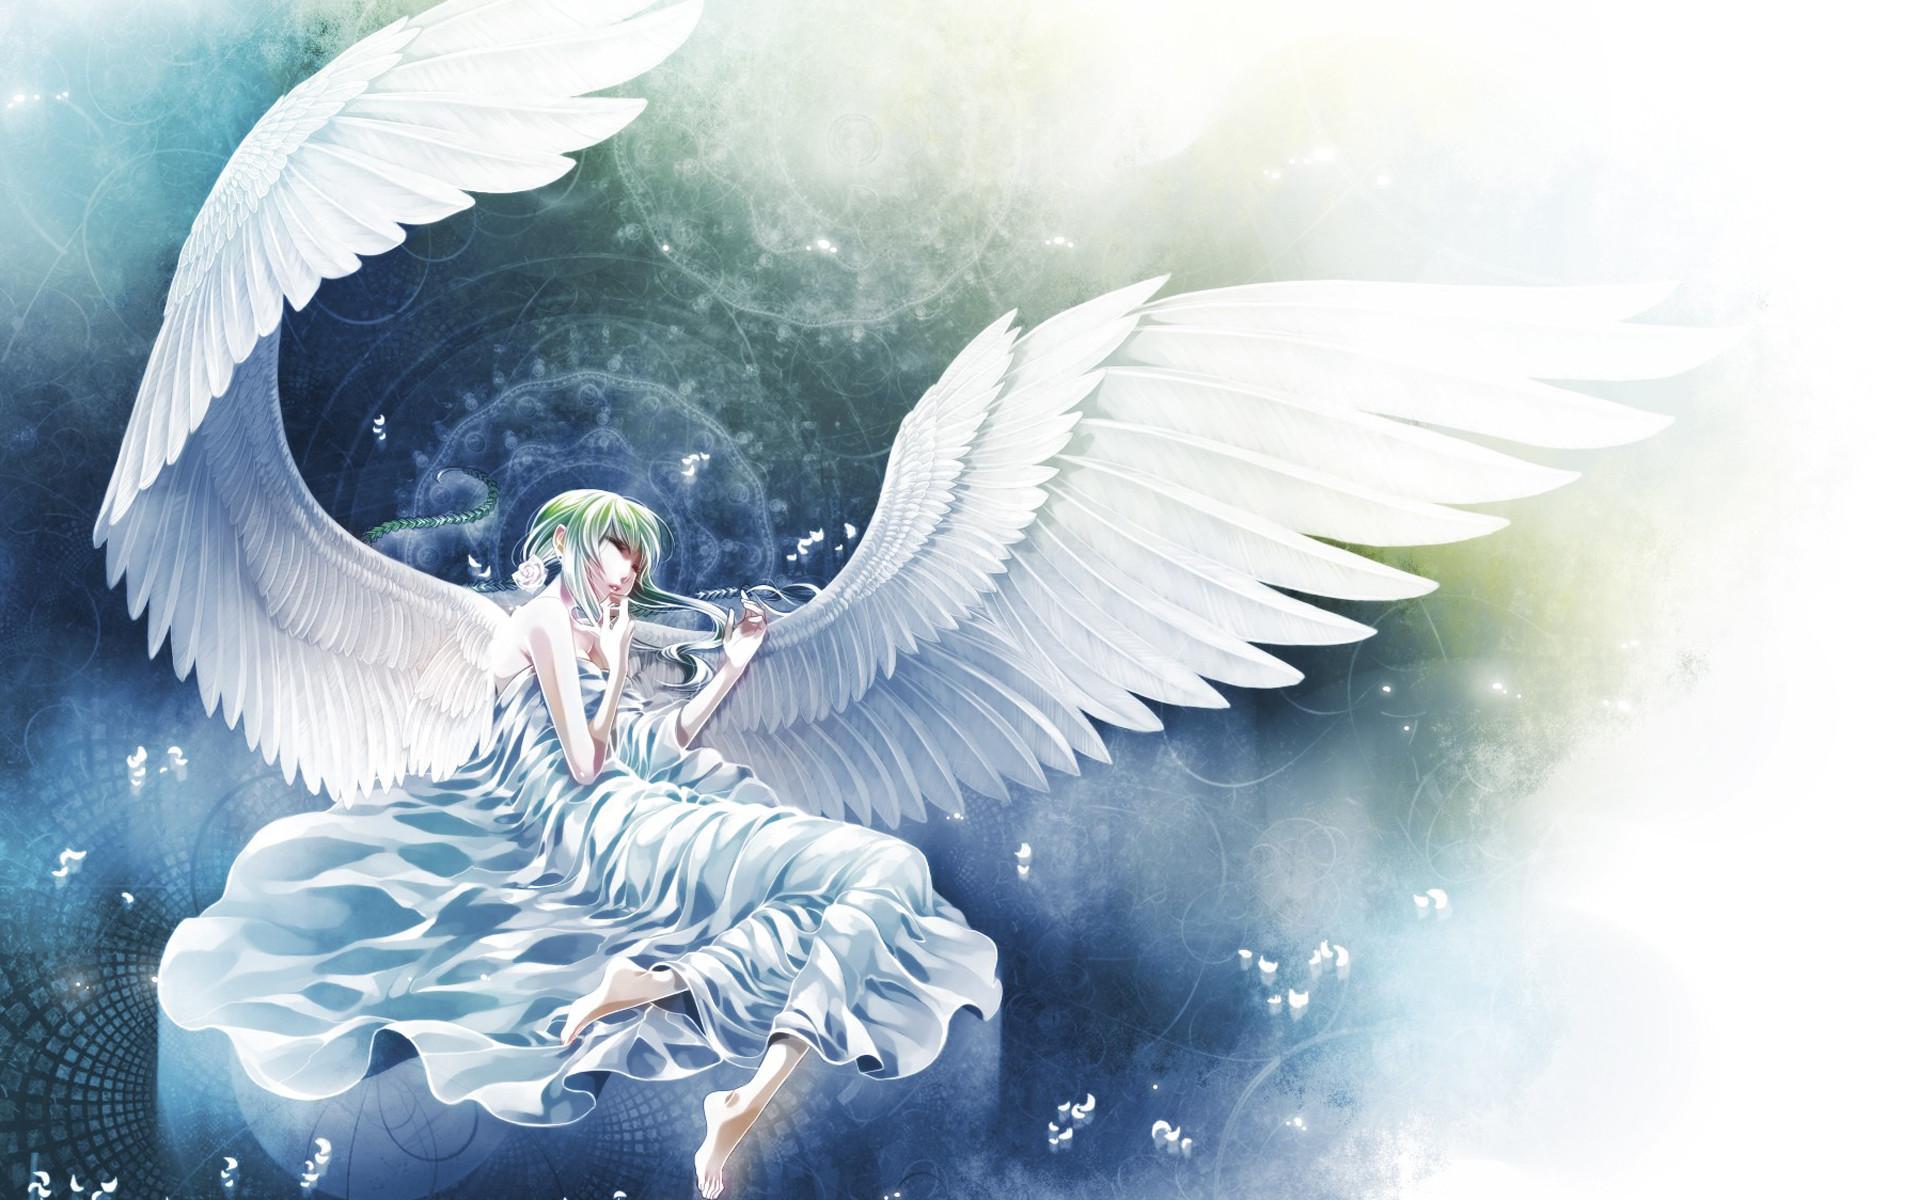 Anime – Angel Wallpaper